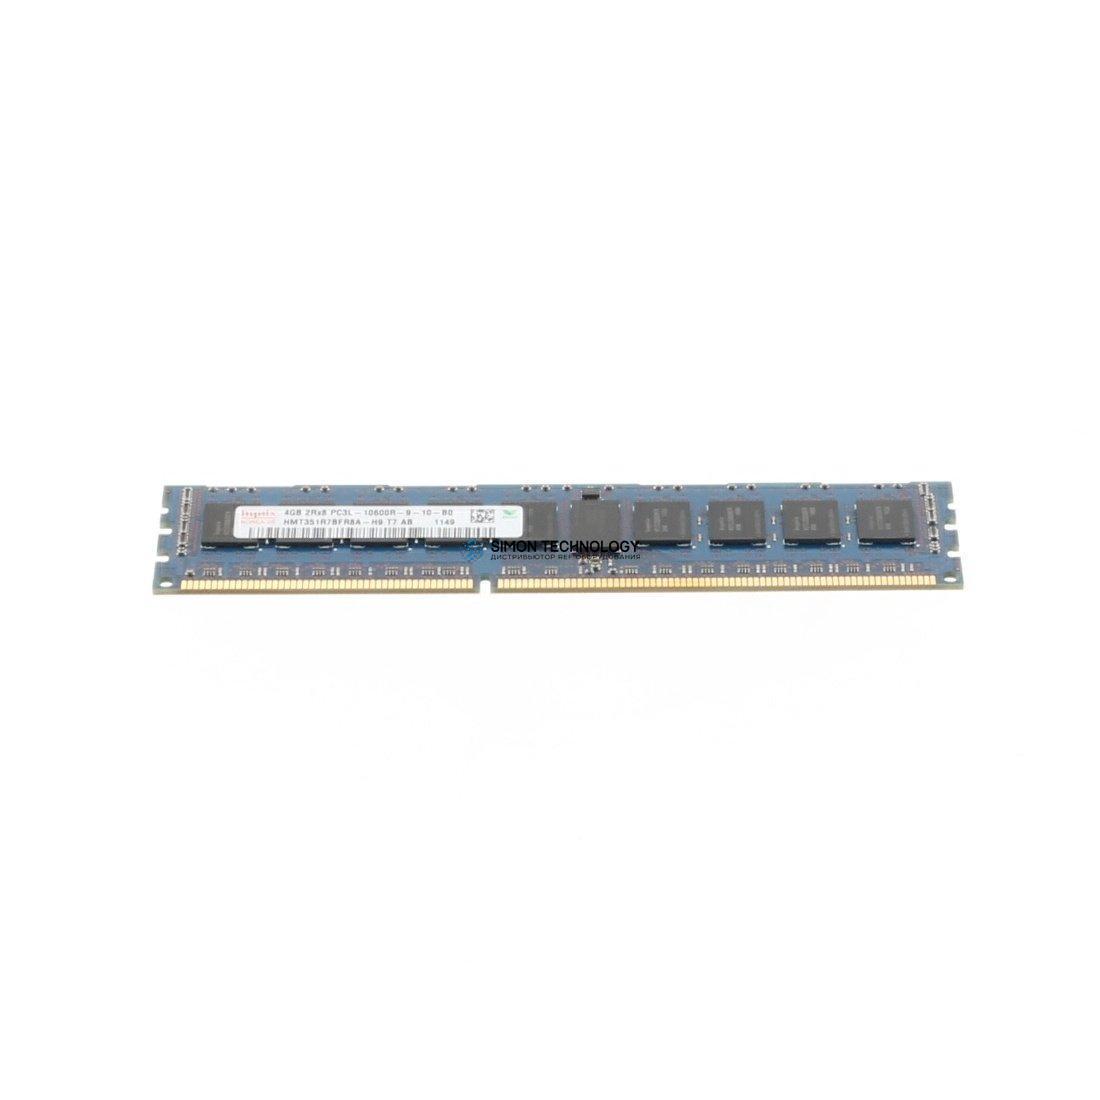 Оперативная память Hynix HYNIX 4GB DDR3 1333MHz 2Rx8 RDIMM (WGFHM-OEM)